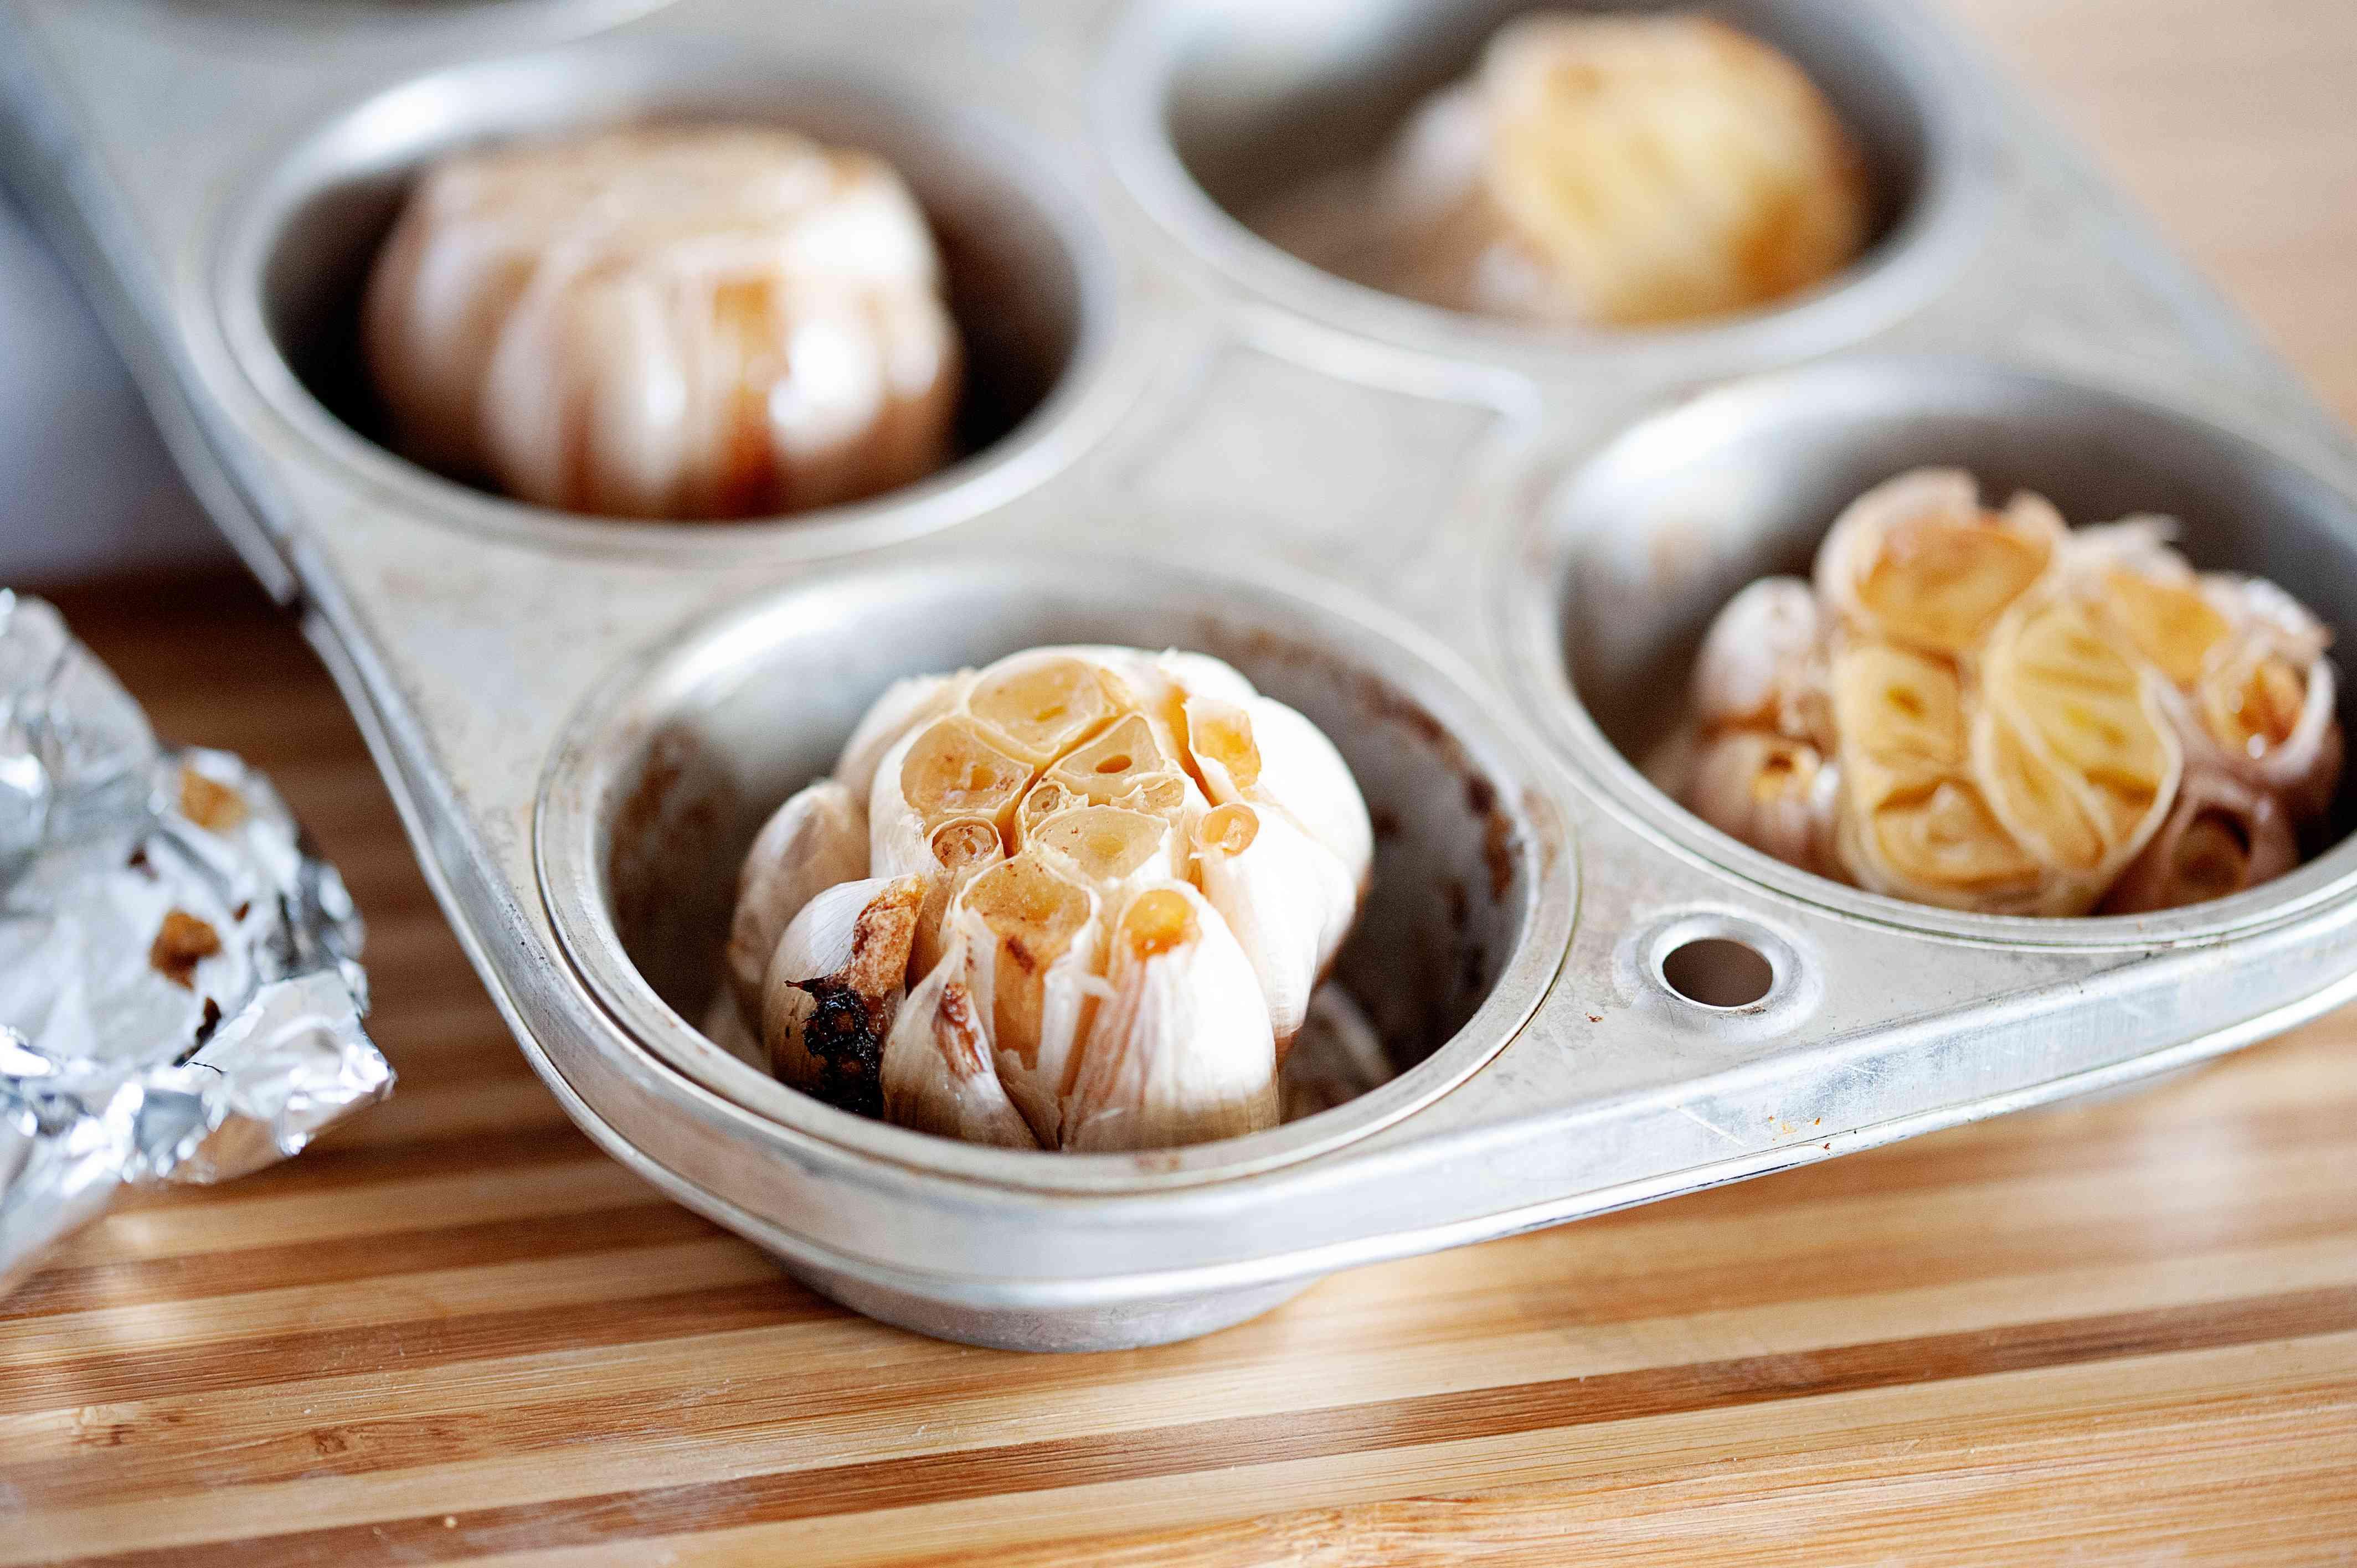 Roasted garlic cloves in a muffin tin.